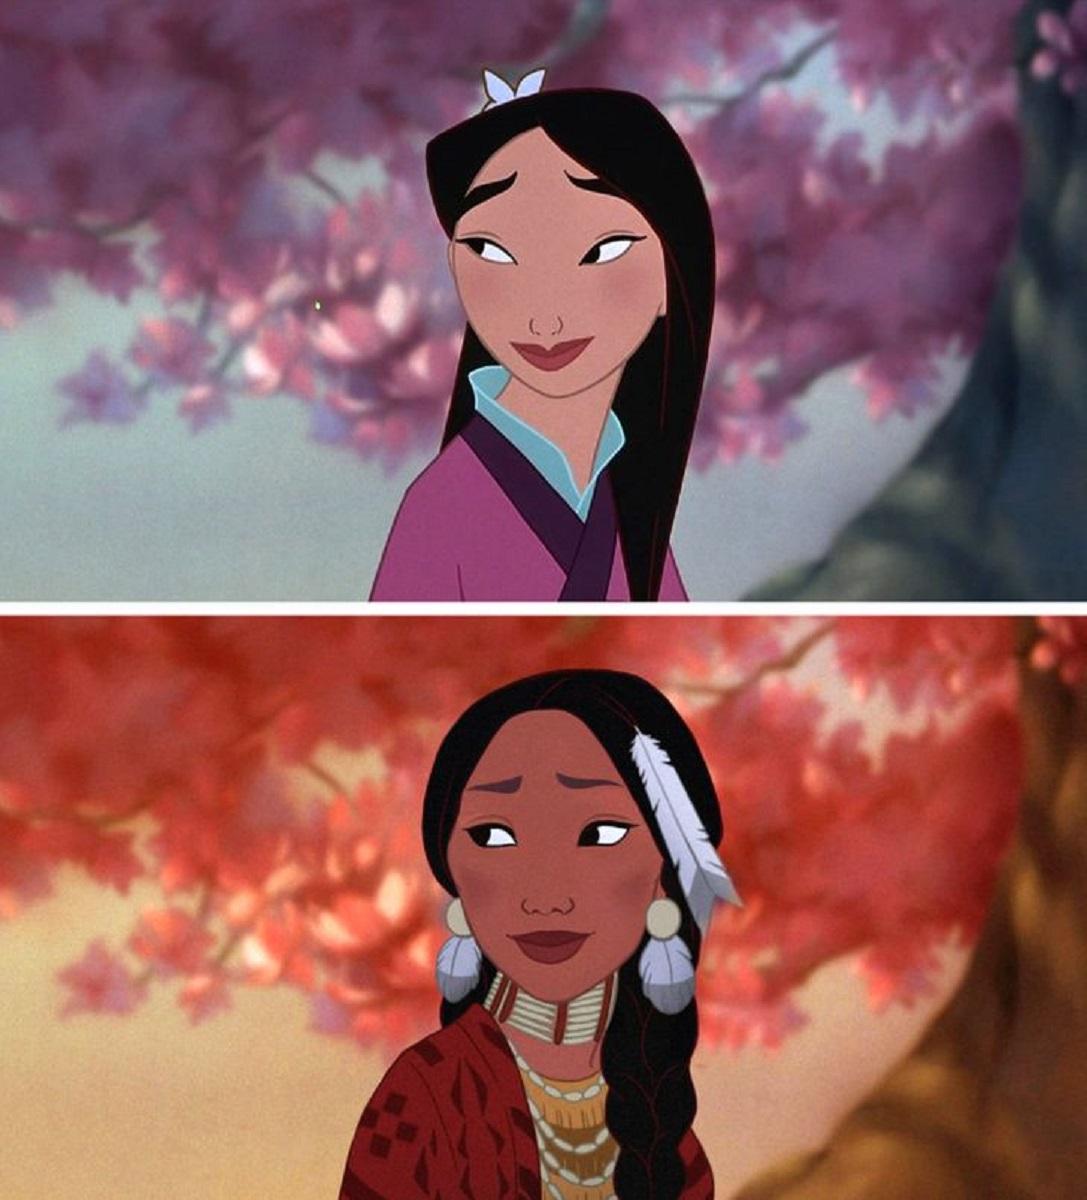 Let There Be Doodles projeto mostra como seriam algumas princesas da Disney com etnias diferentes 14